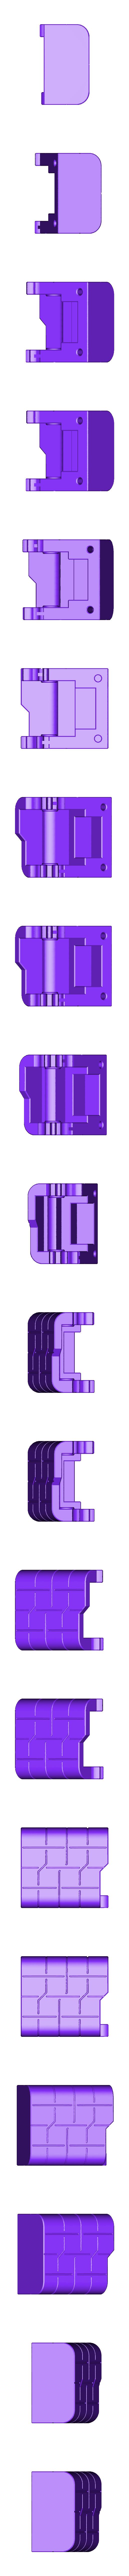 microcase_SD_outer_w_tabs_KaziToad.stl Télécharger fichier STL Etuis à microprocesseur : pour les cartes micro SD et autres petits objets • Design imprimable en 3D, KaziToad